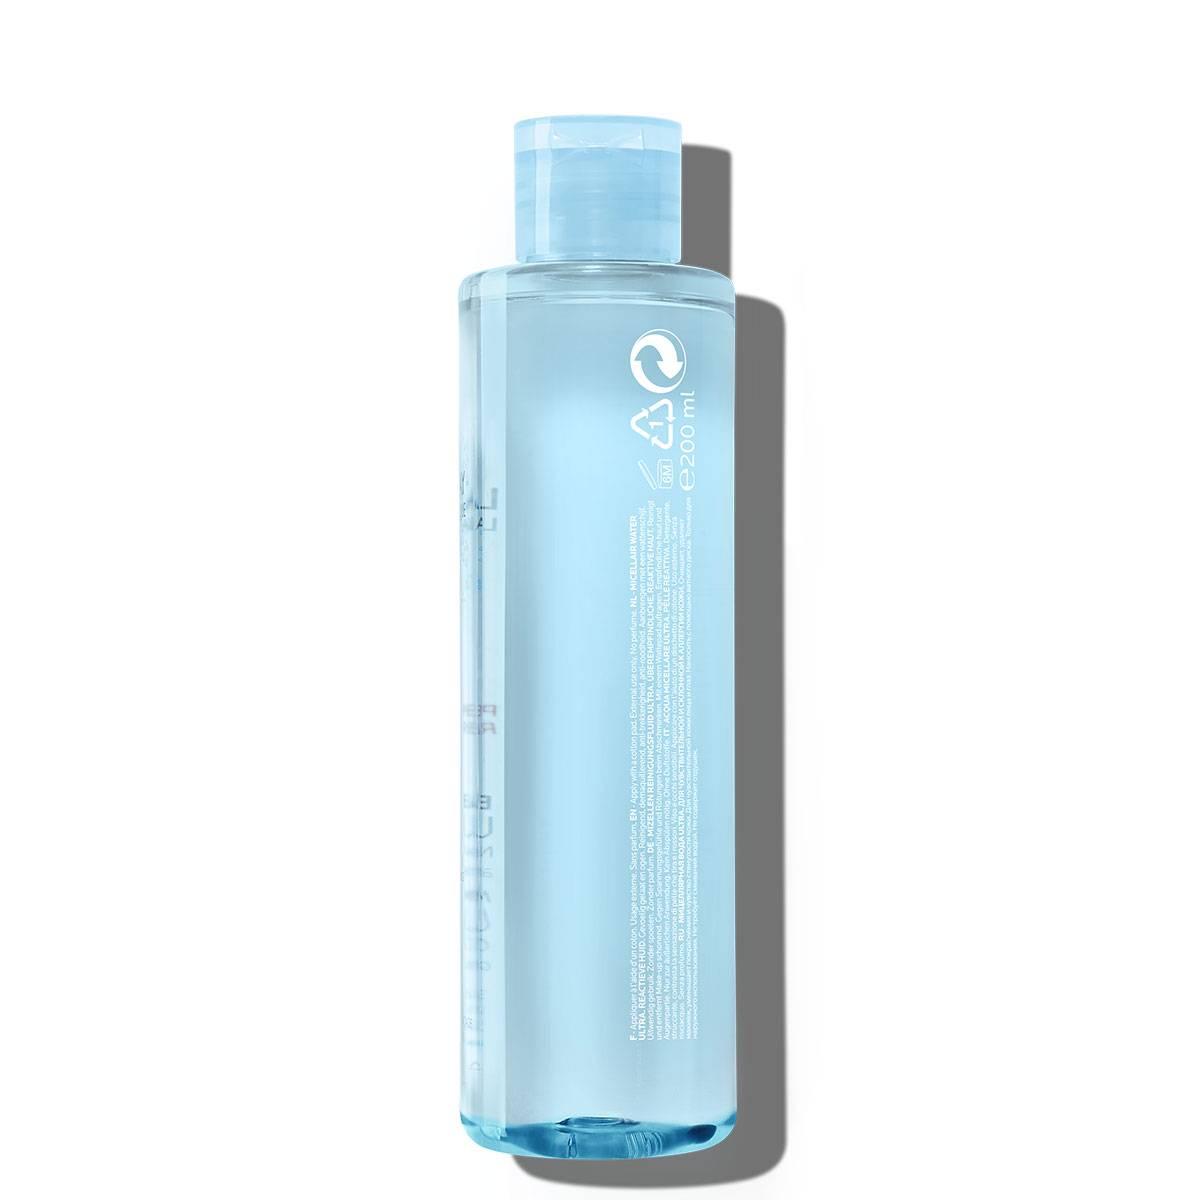 La Roche Posay Produktsida Ansiktsrengöring Physiological Micellar Water